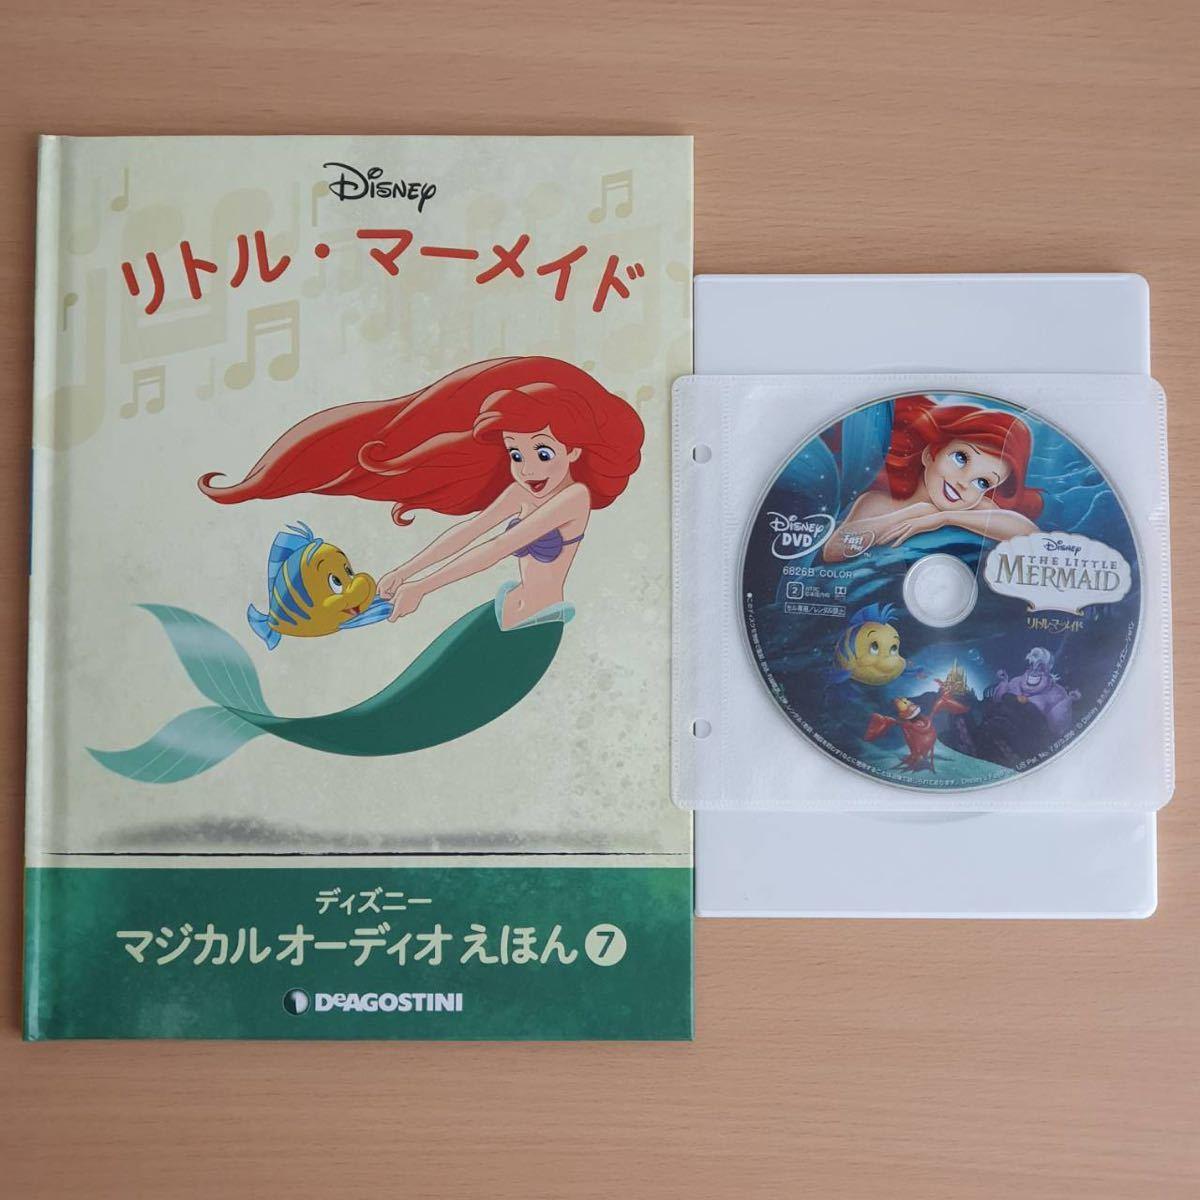 ディズニー DVD 絵本 【リトルマーメイド】